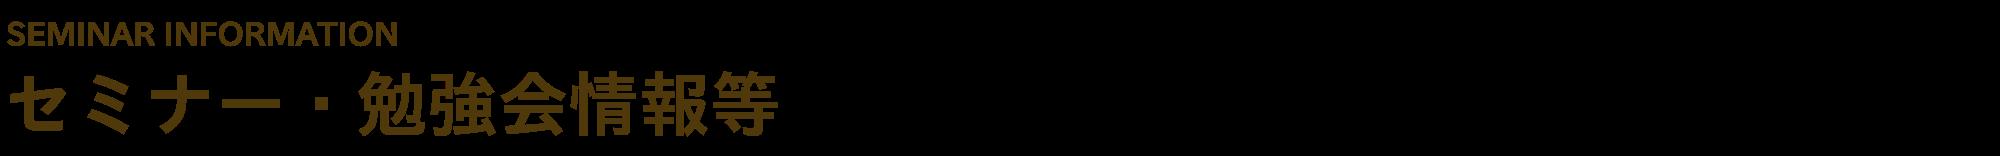 [参加無料]ダイバーシティ&インクルージョン最前線 〜企業情報交換会 2019年7月31日に開催いたします